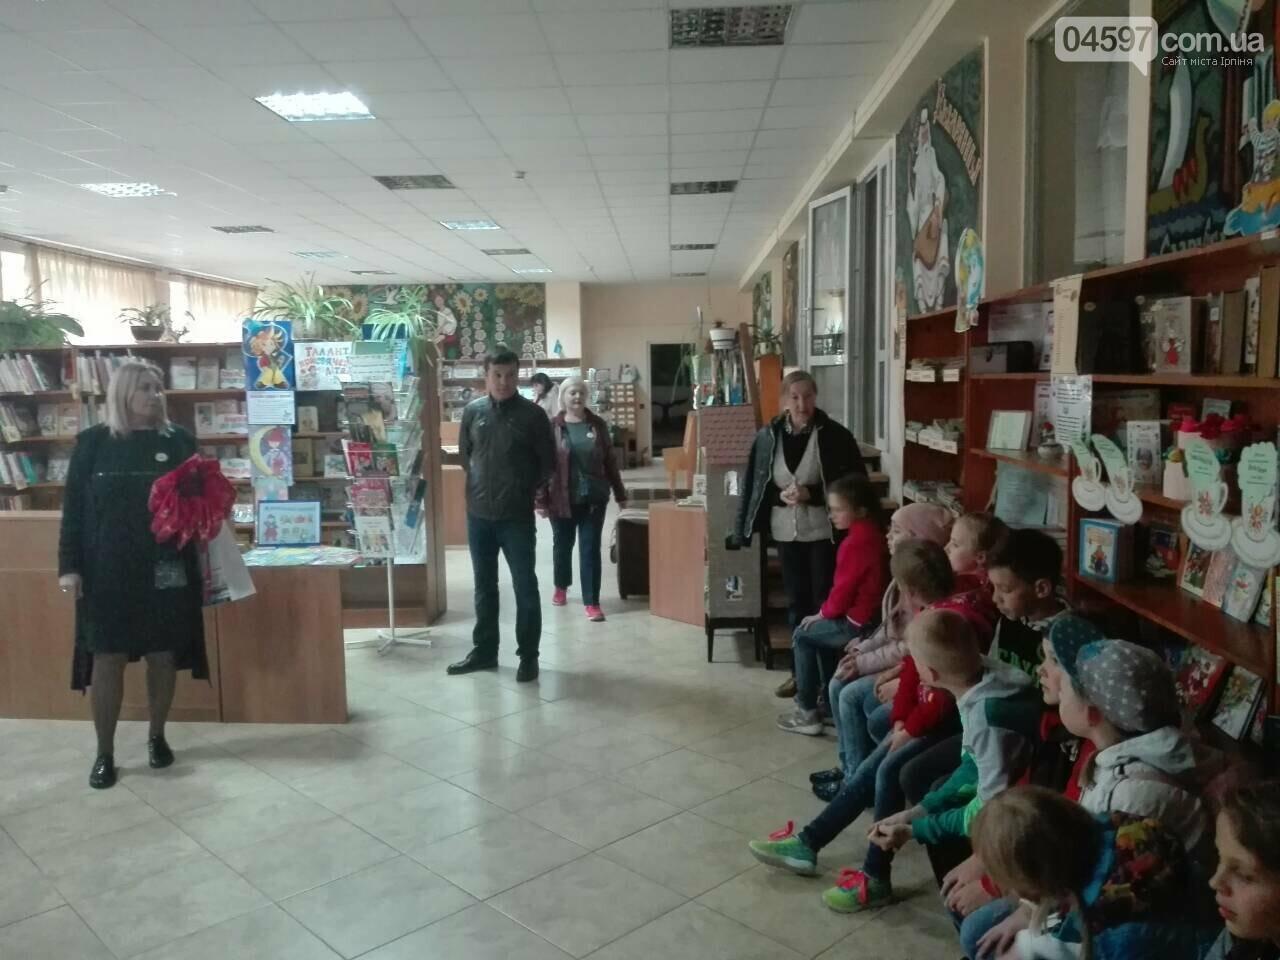 Діти з Донбасу відвідали Ірпінь, фото-2